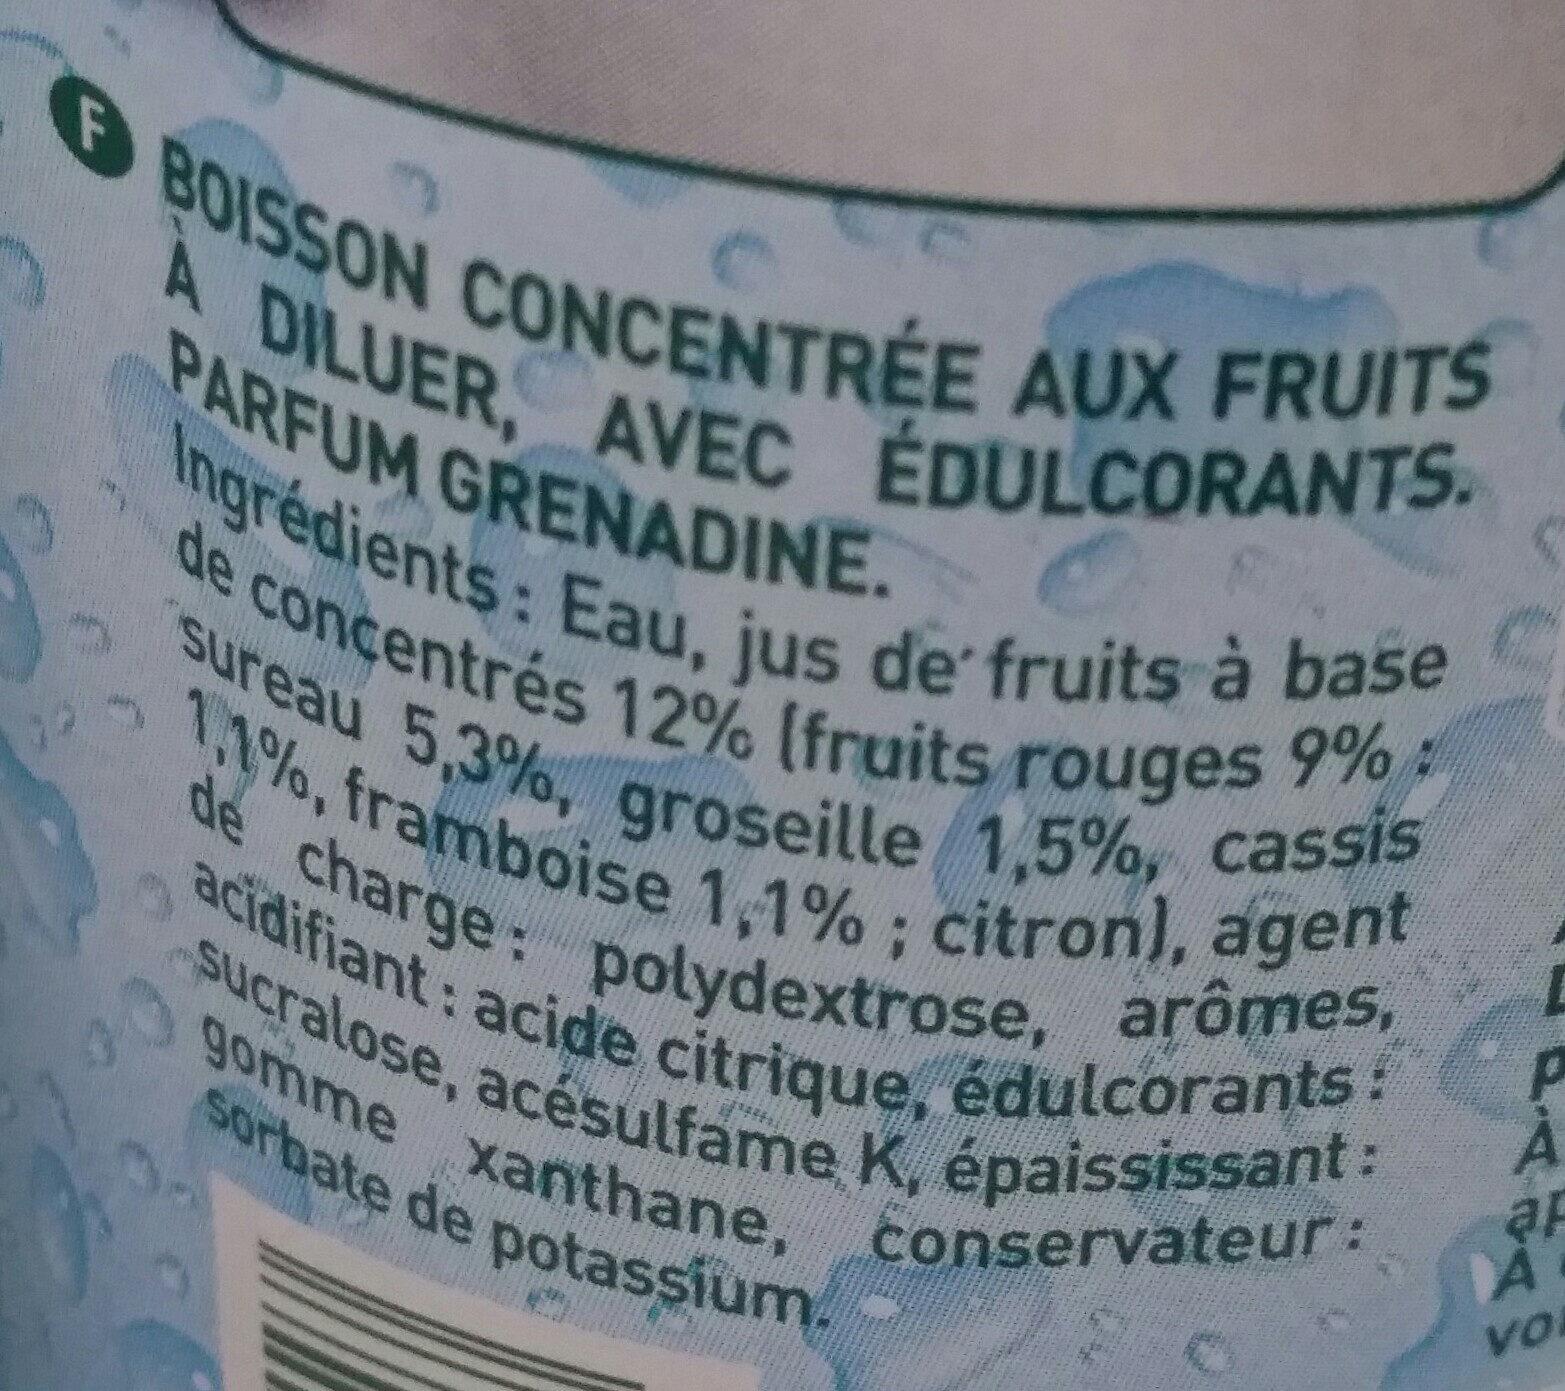 Sirop parfum grenadine 0% de sucre - Ingrédients